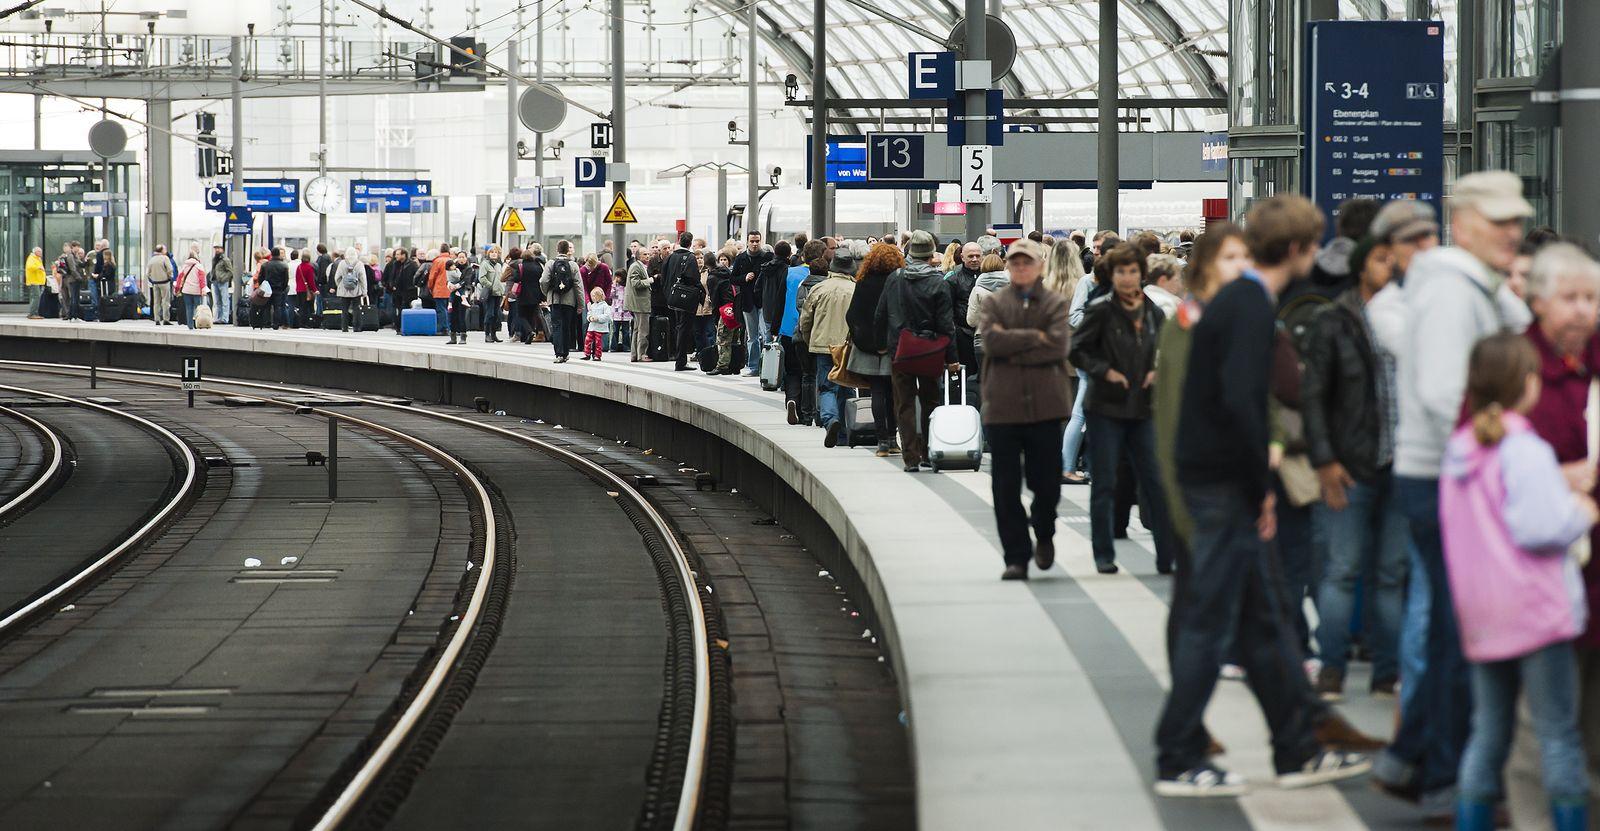 NICHT VERWENDEN Berlin / Hauptbahnhof / Verspätung